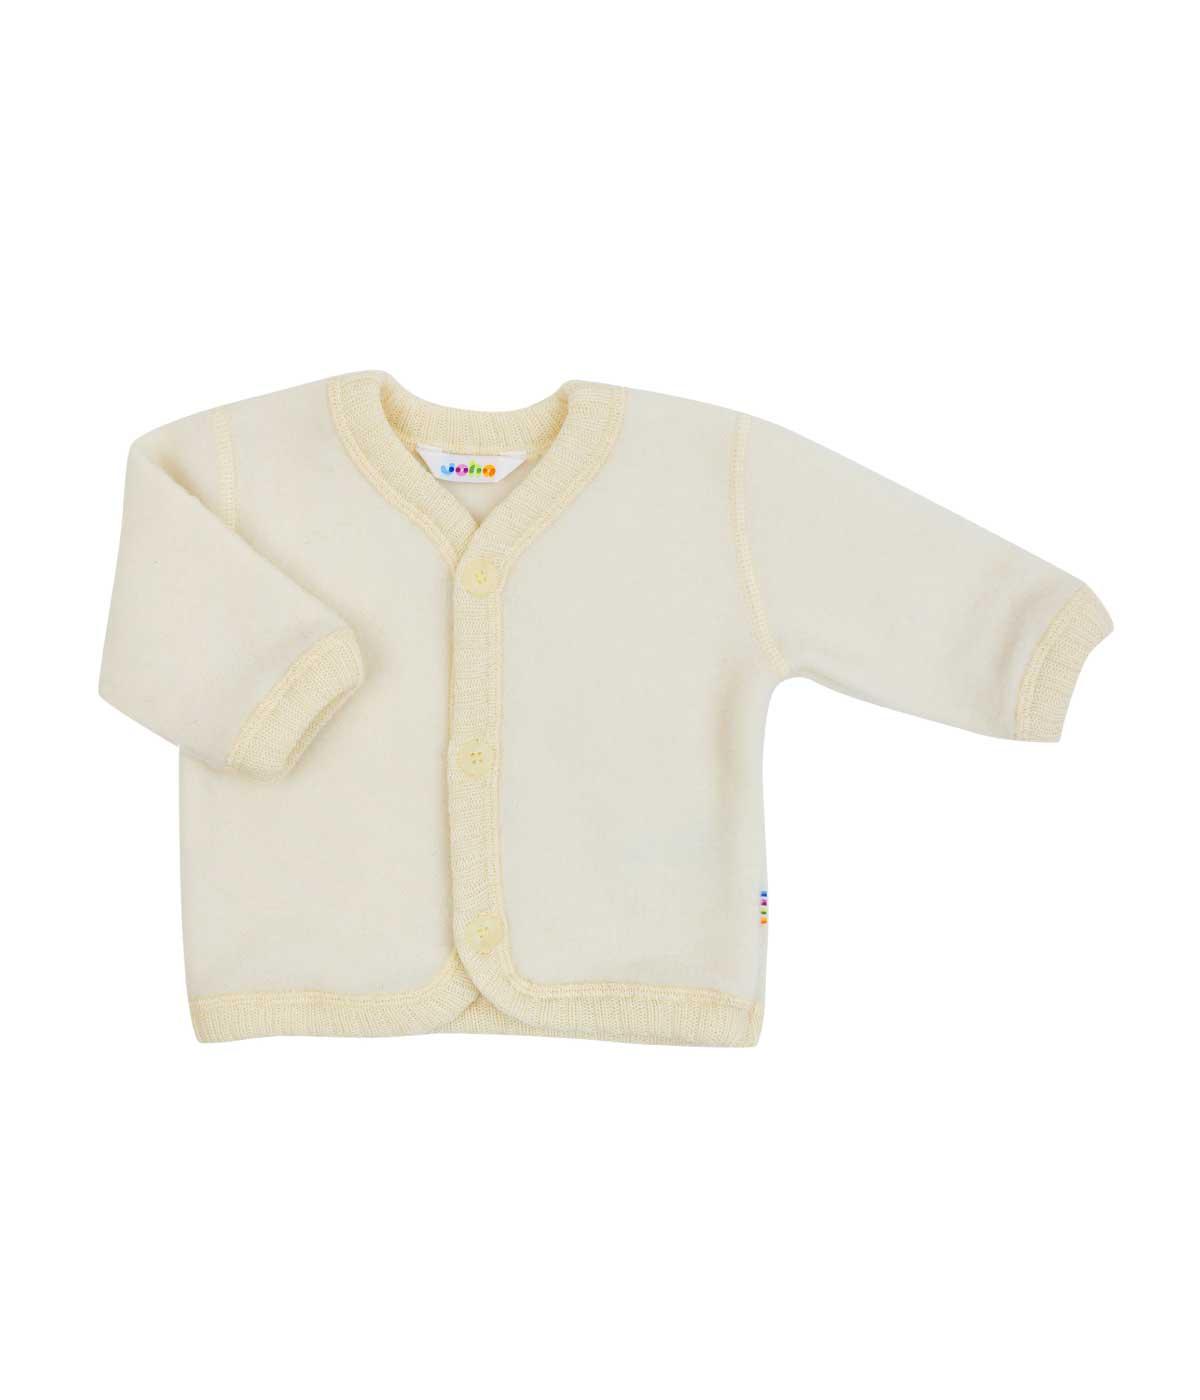 Cardigan i uld til piger og drenge fra Joha. Trøje i uld.